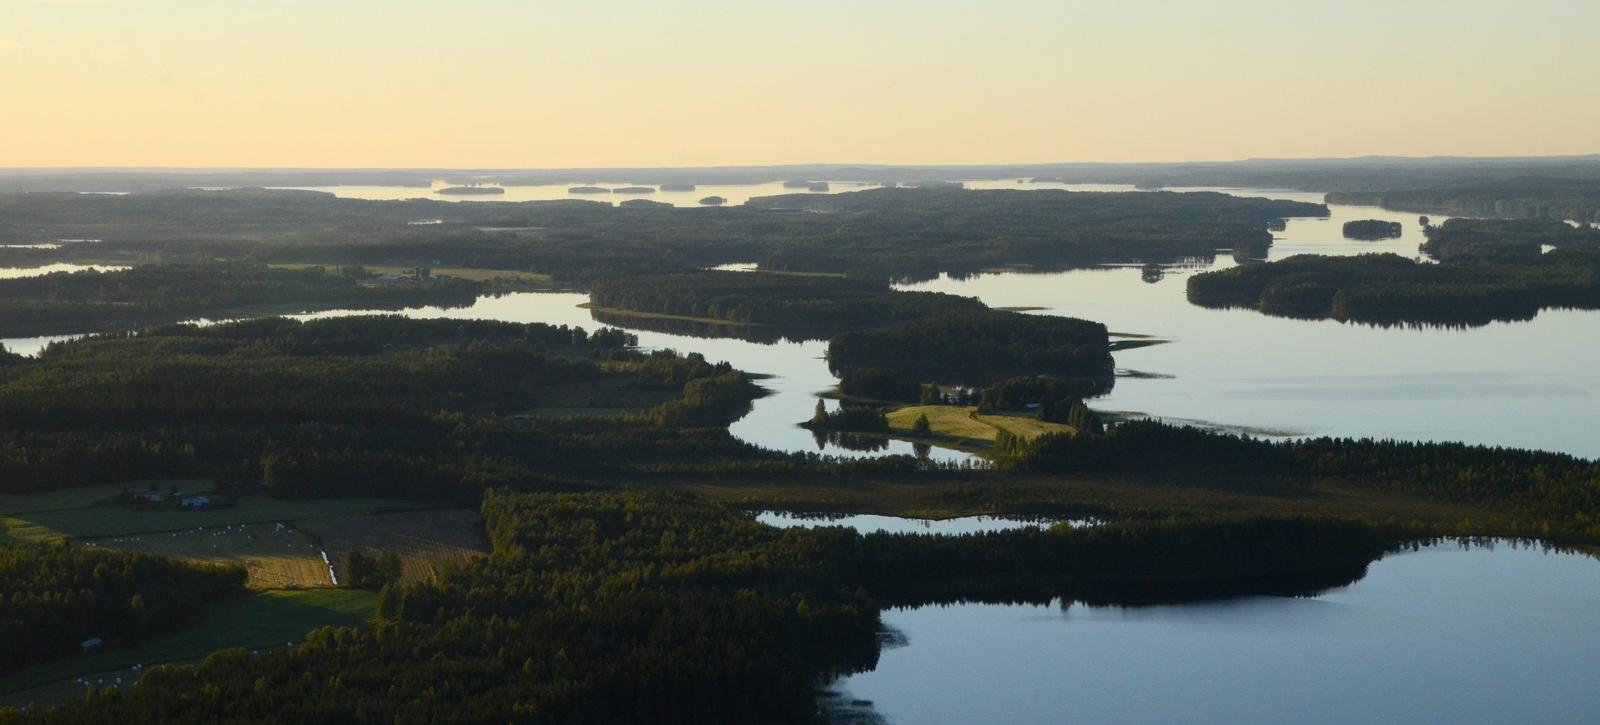 Kolimajärvi